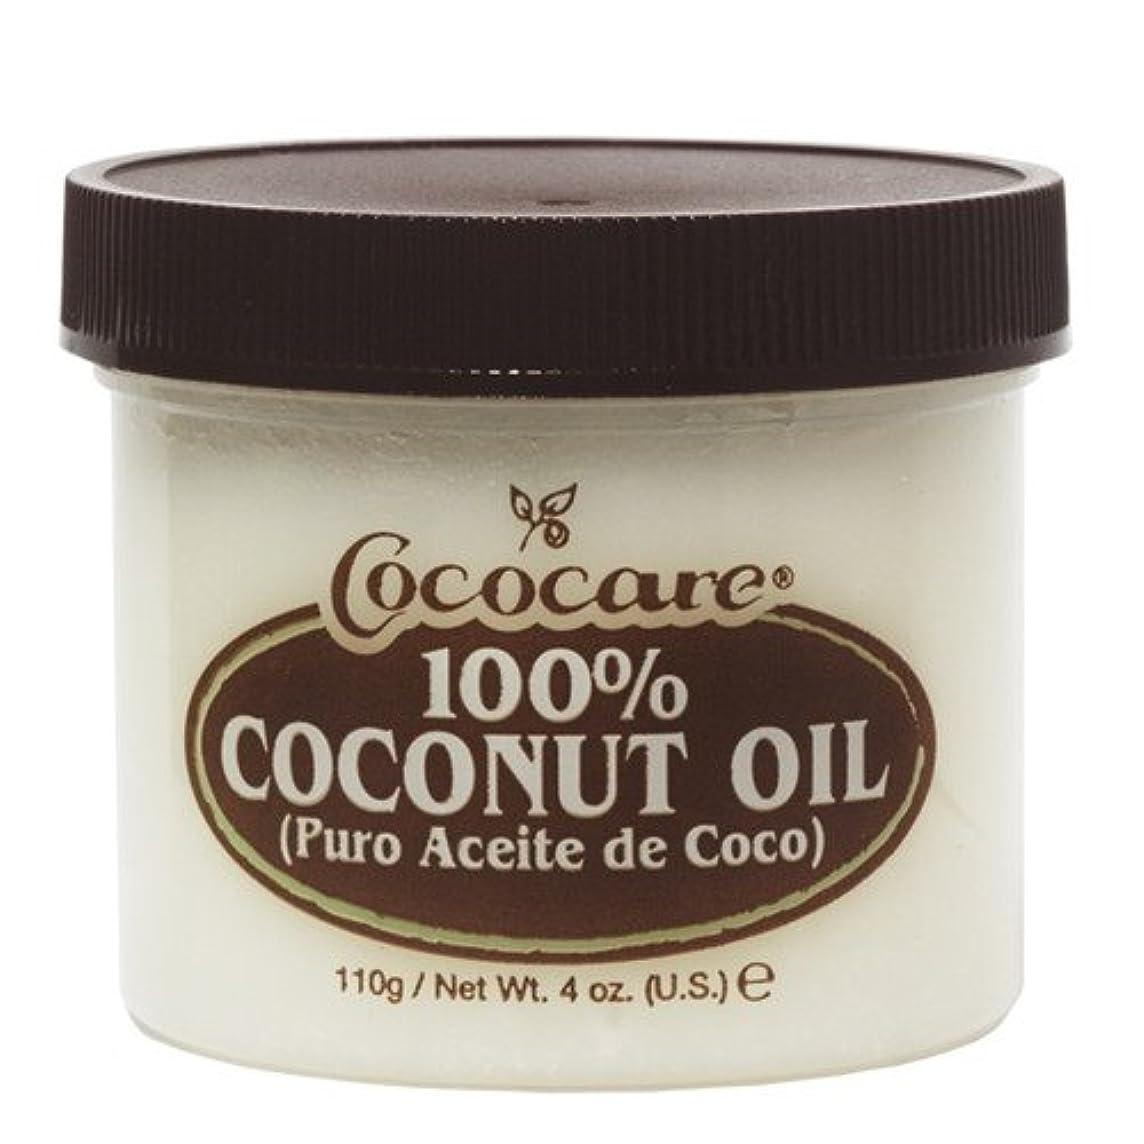 カブ暴露見えるCOCOCARE ココケア ココナッツオイル 110g